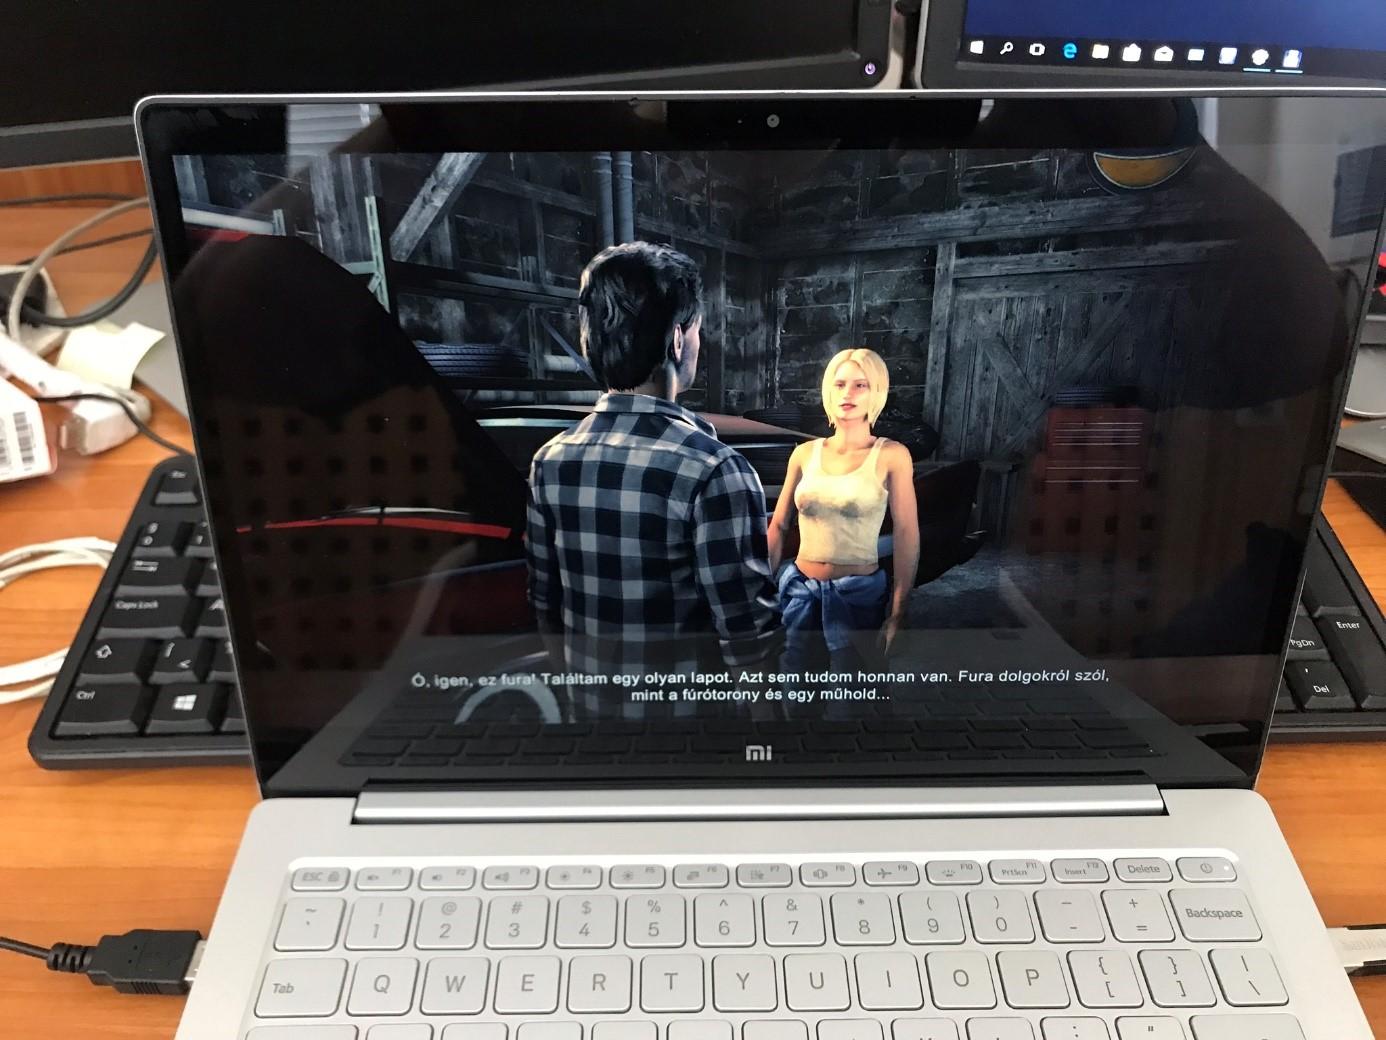 windowsos-macbook-xiaomi-mi-notebook-air-13_3-teszt-8gb-ram-256gb-ssd-intel-core-i7-i5-nvidia-geeforce-mx150-13.jpg